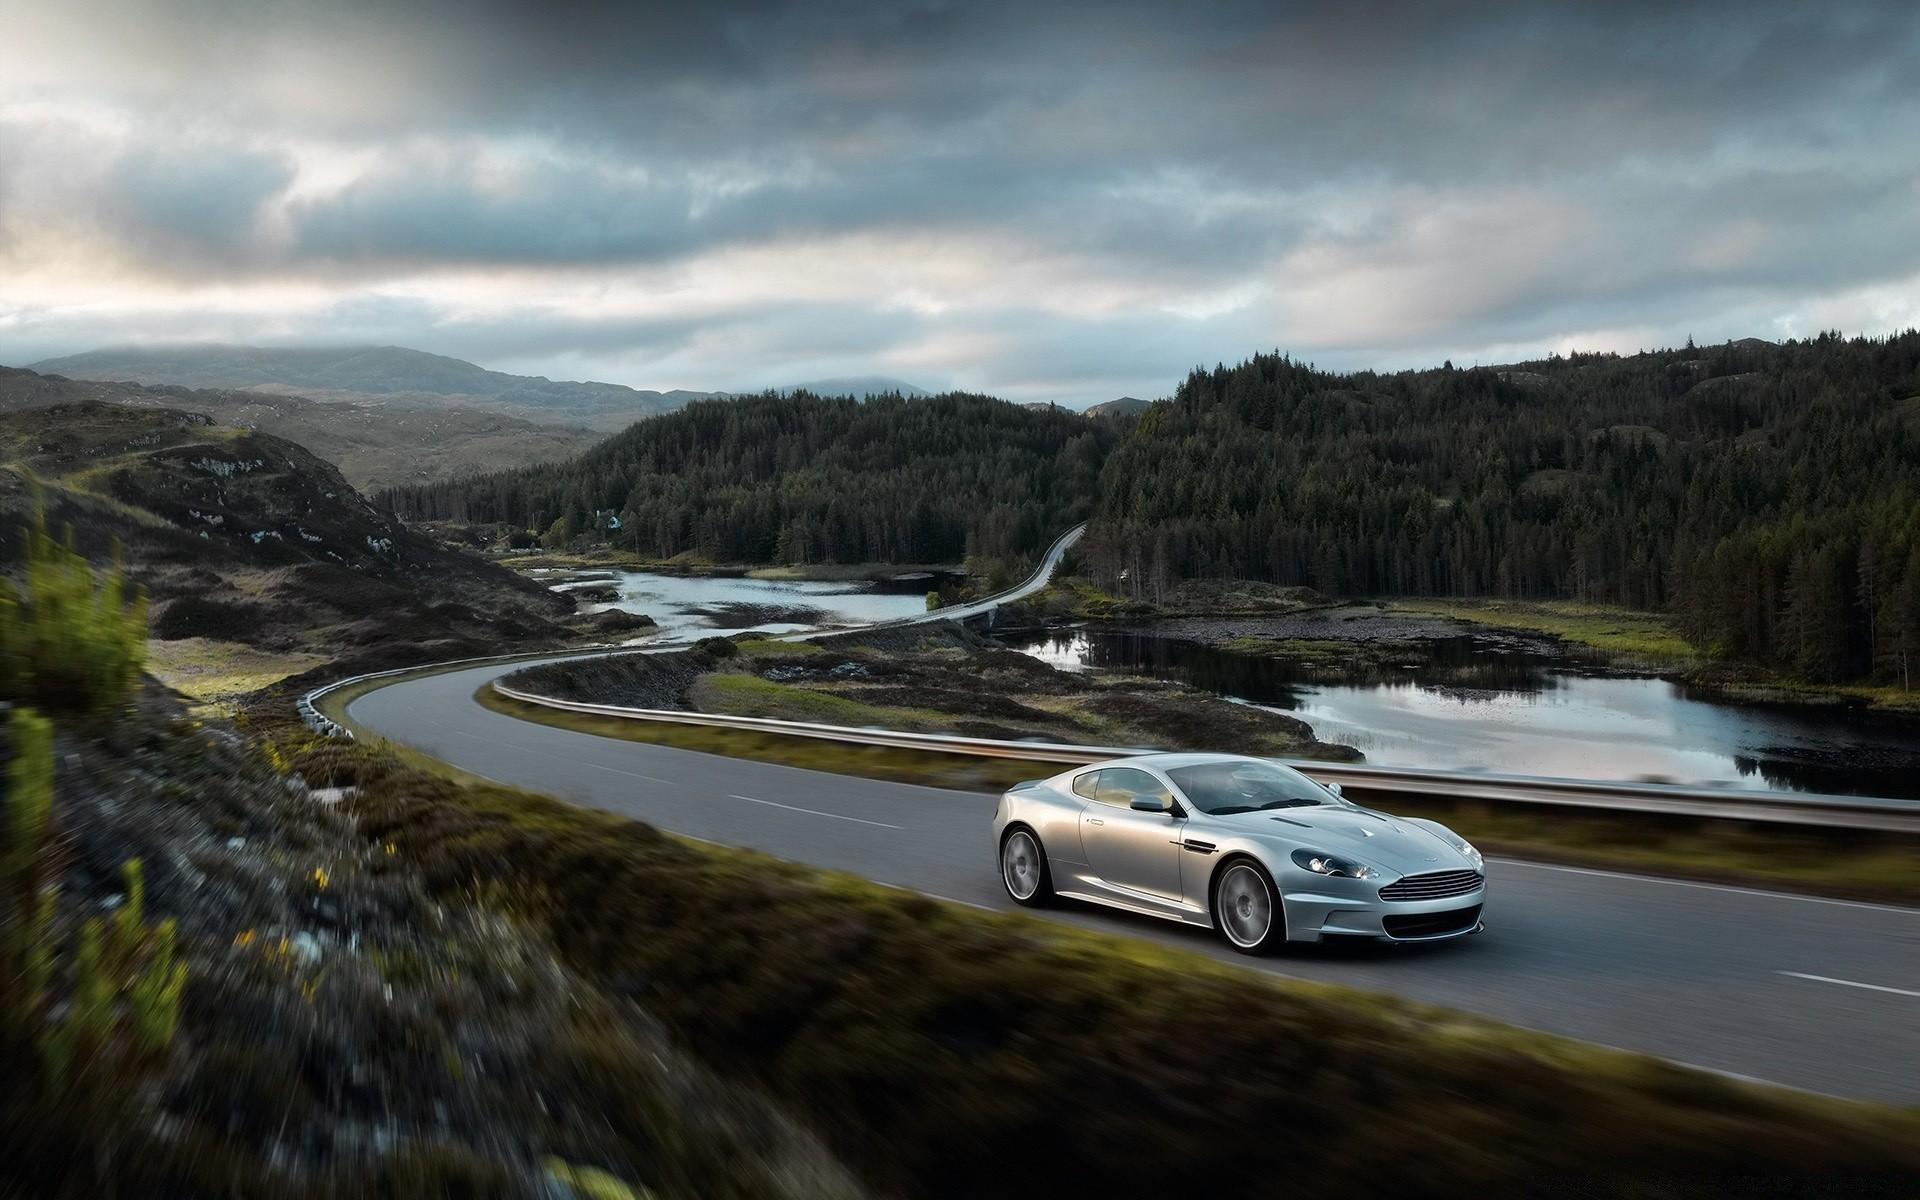 ирины красивые фото в горах крутых авто аппарат все